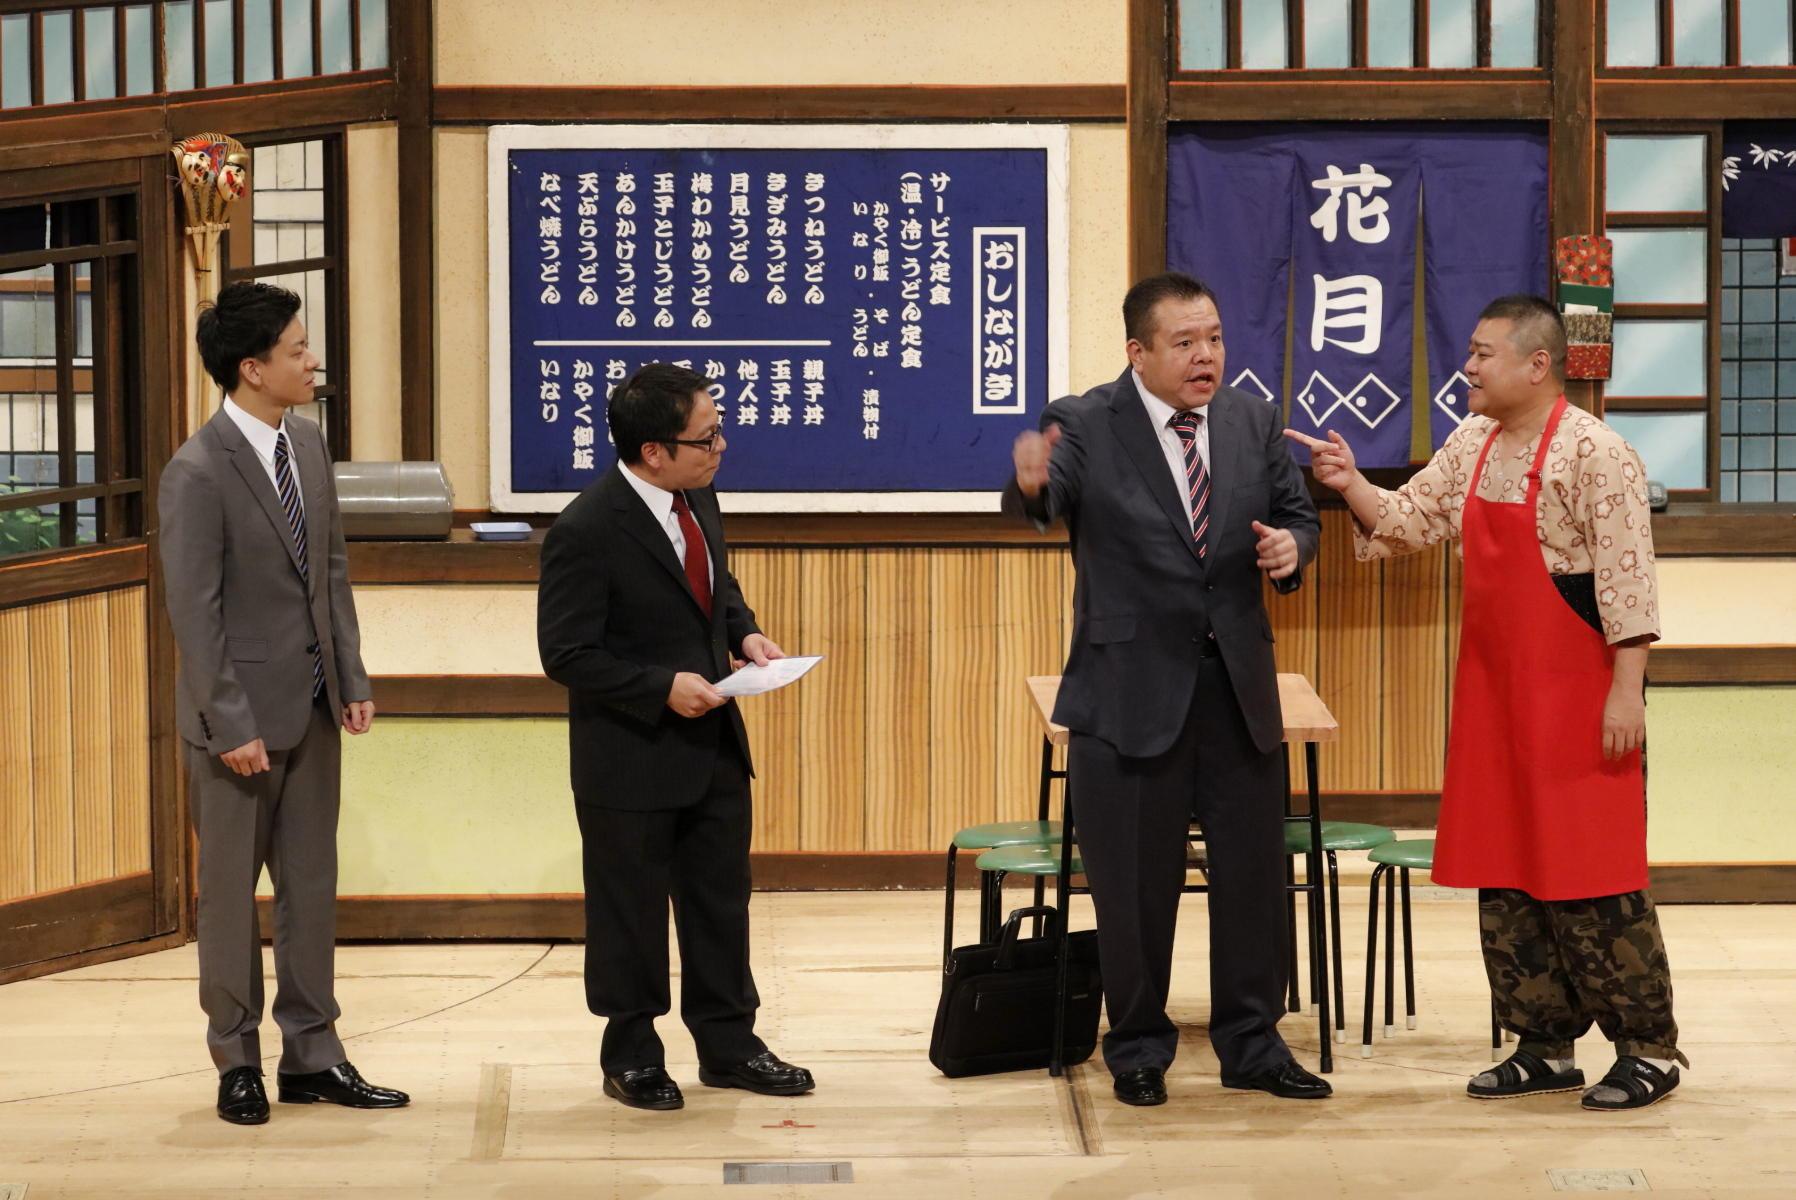 http://news.yoshimoto.co.jp/20160929213953-98bacabb13e20ef913363fbe8285b0afc782d9f7.jpg